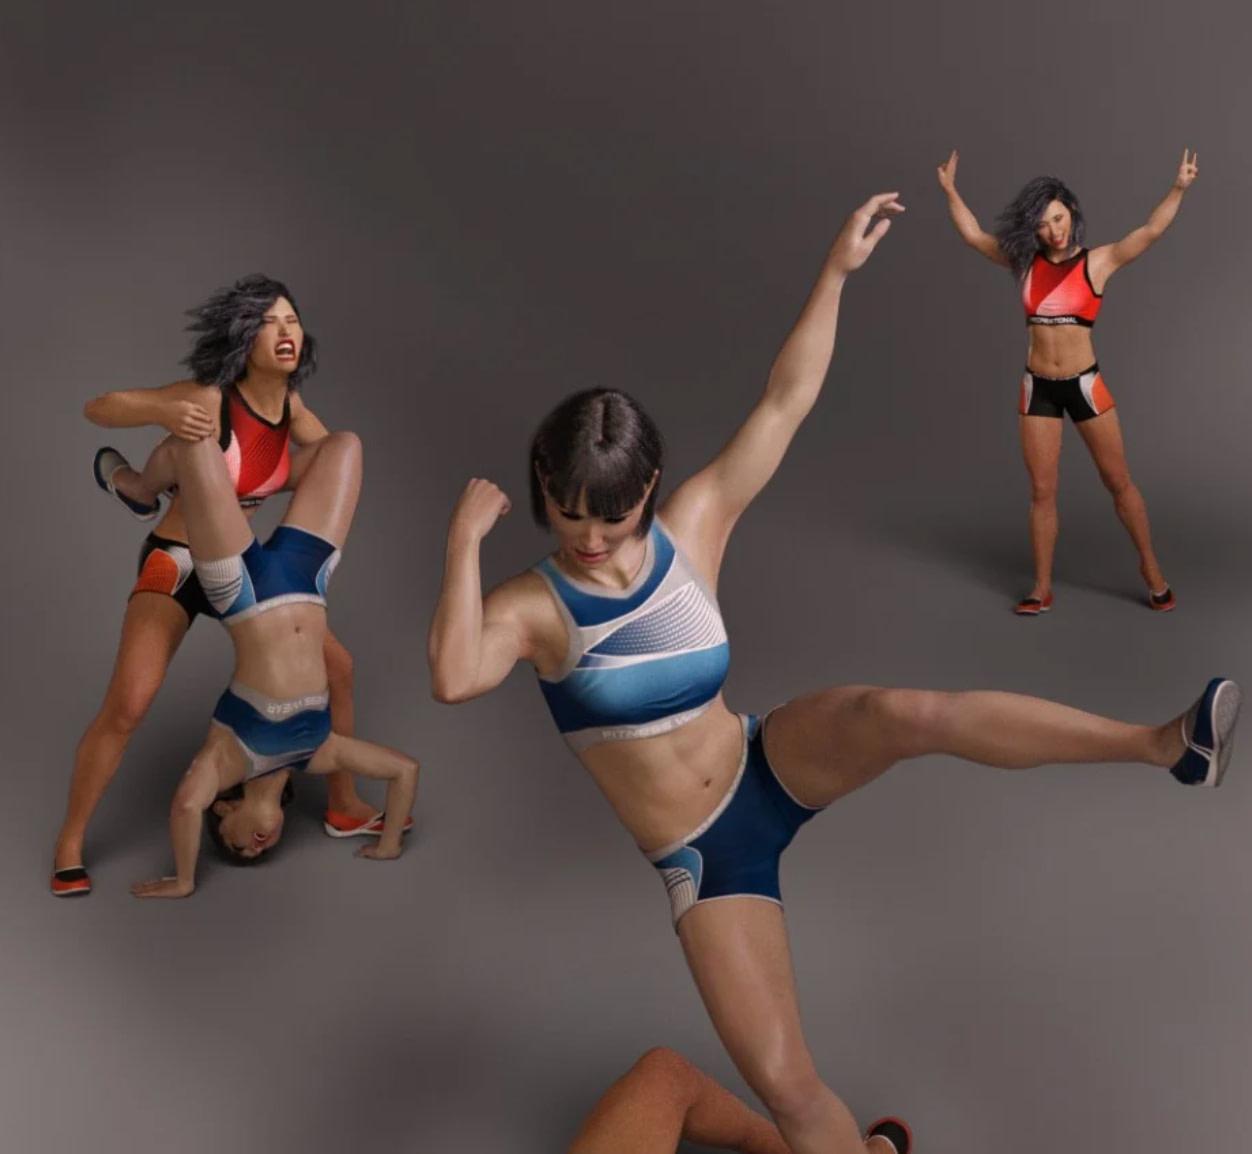 knockout daz poses